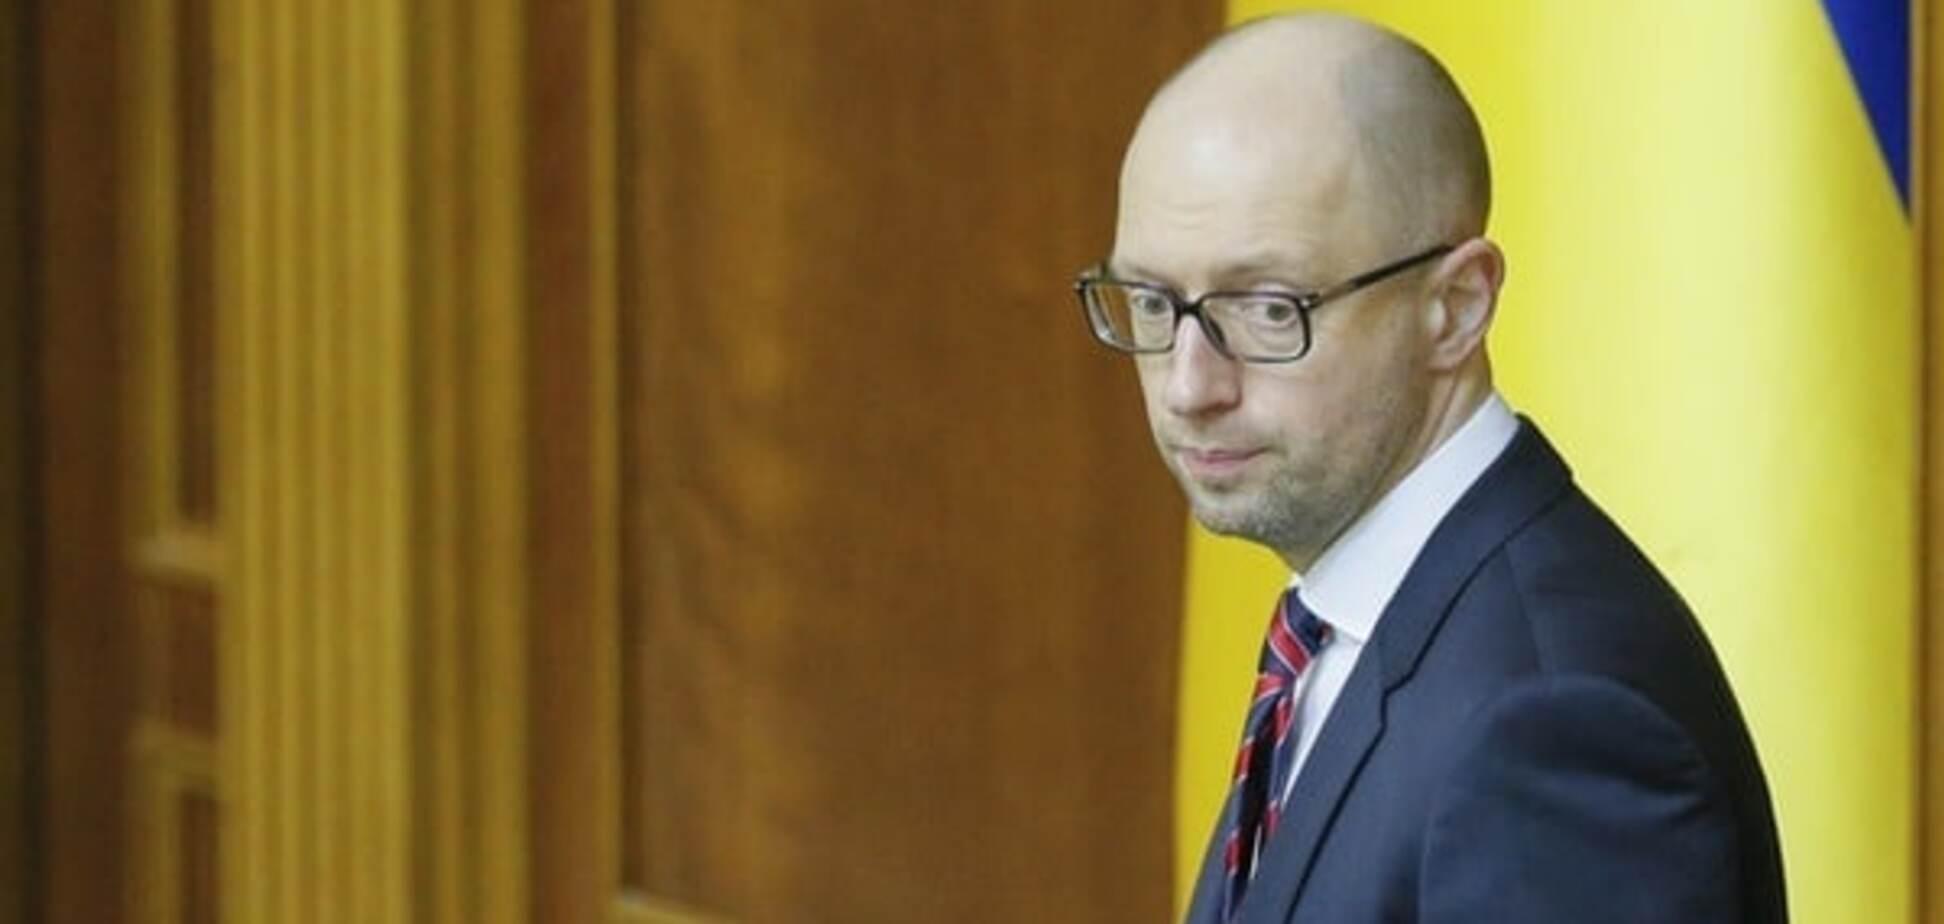 Непопулярность Яценюка: в БПП рассказали, почему Кабмин нужно менять